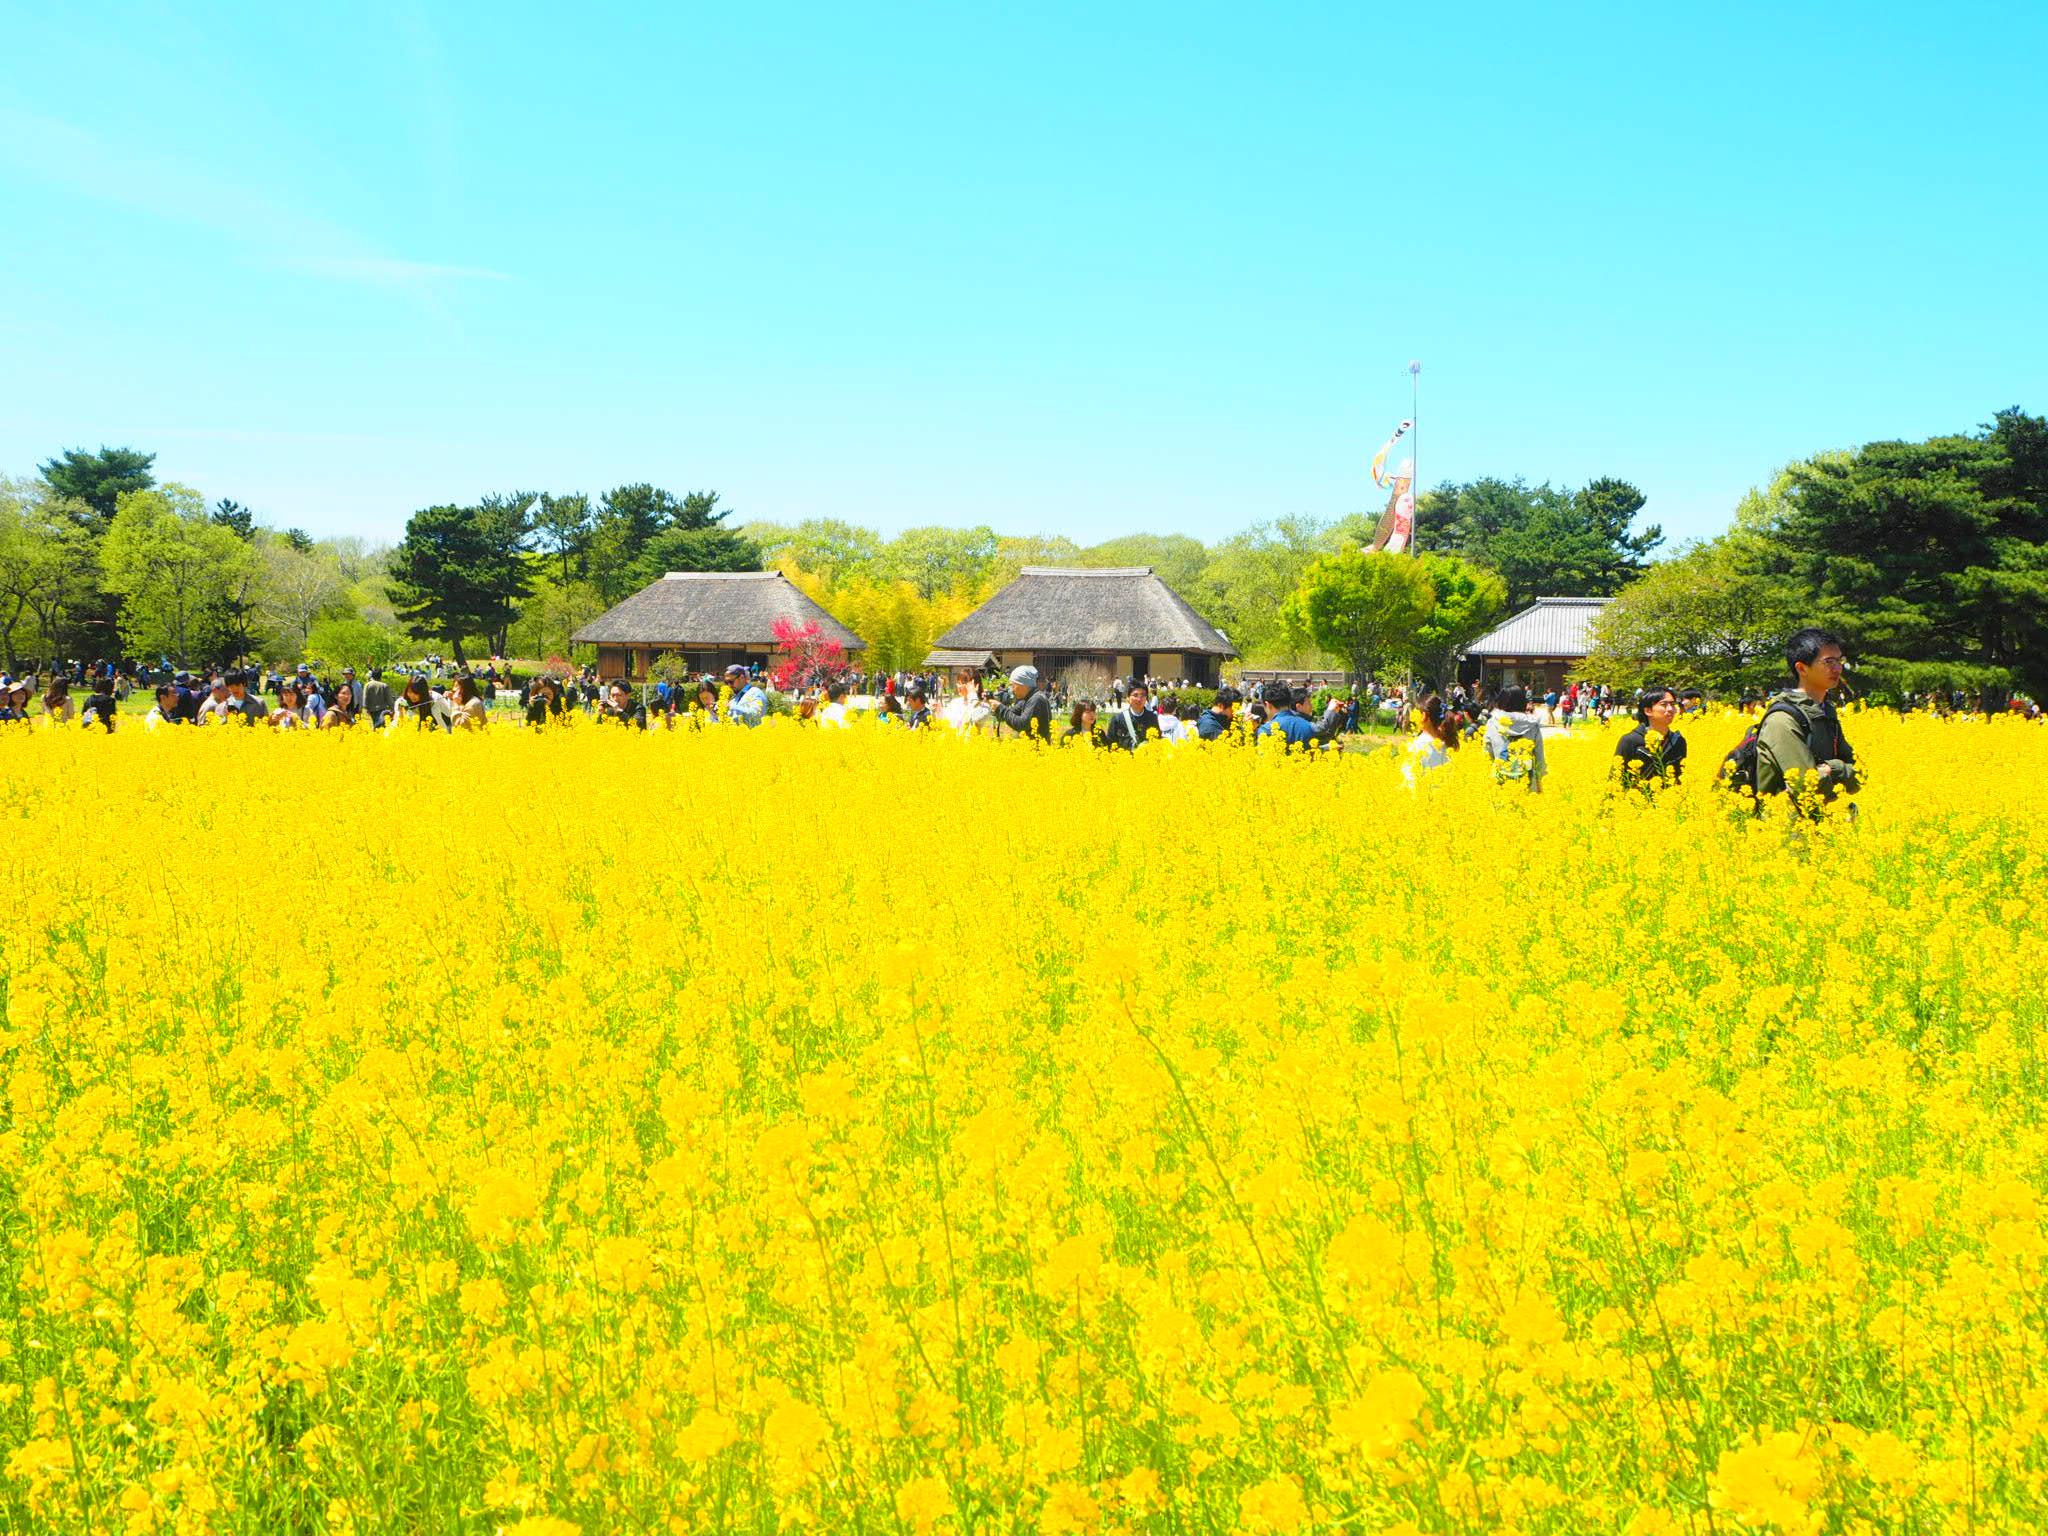 【GW】東京からも近い!!ひたち海浜公園ネモフィラのバスツアーに行ってきました♡_5